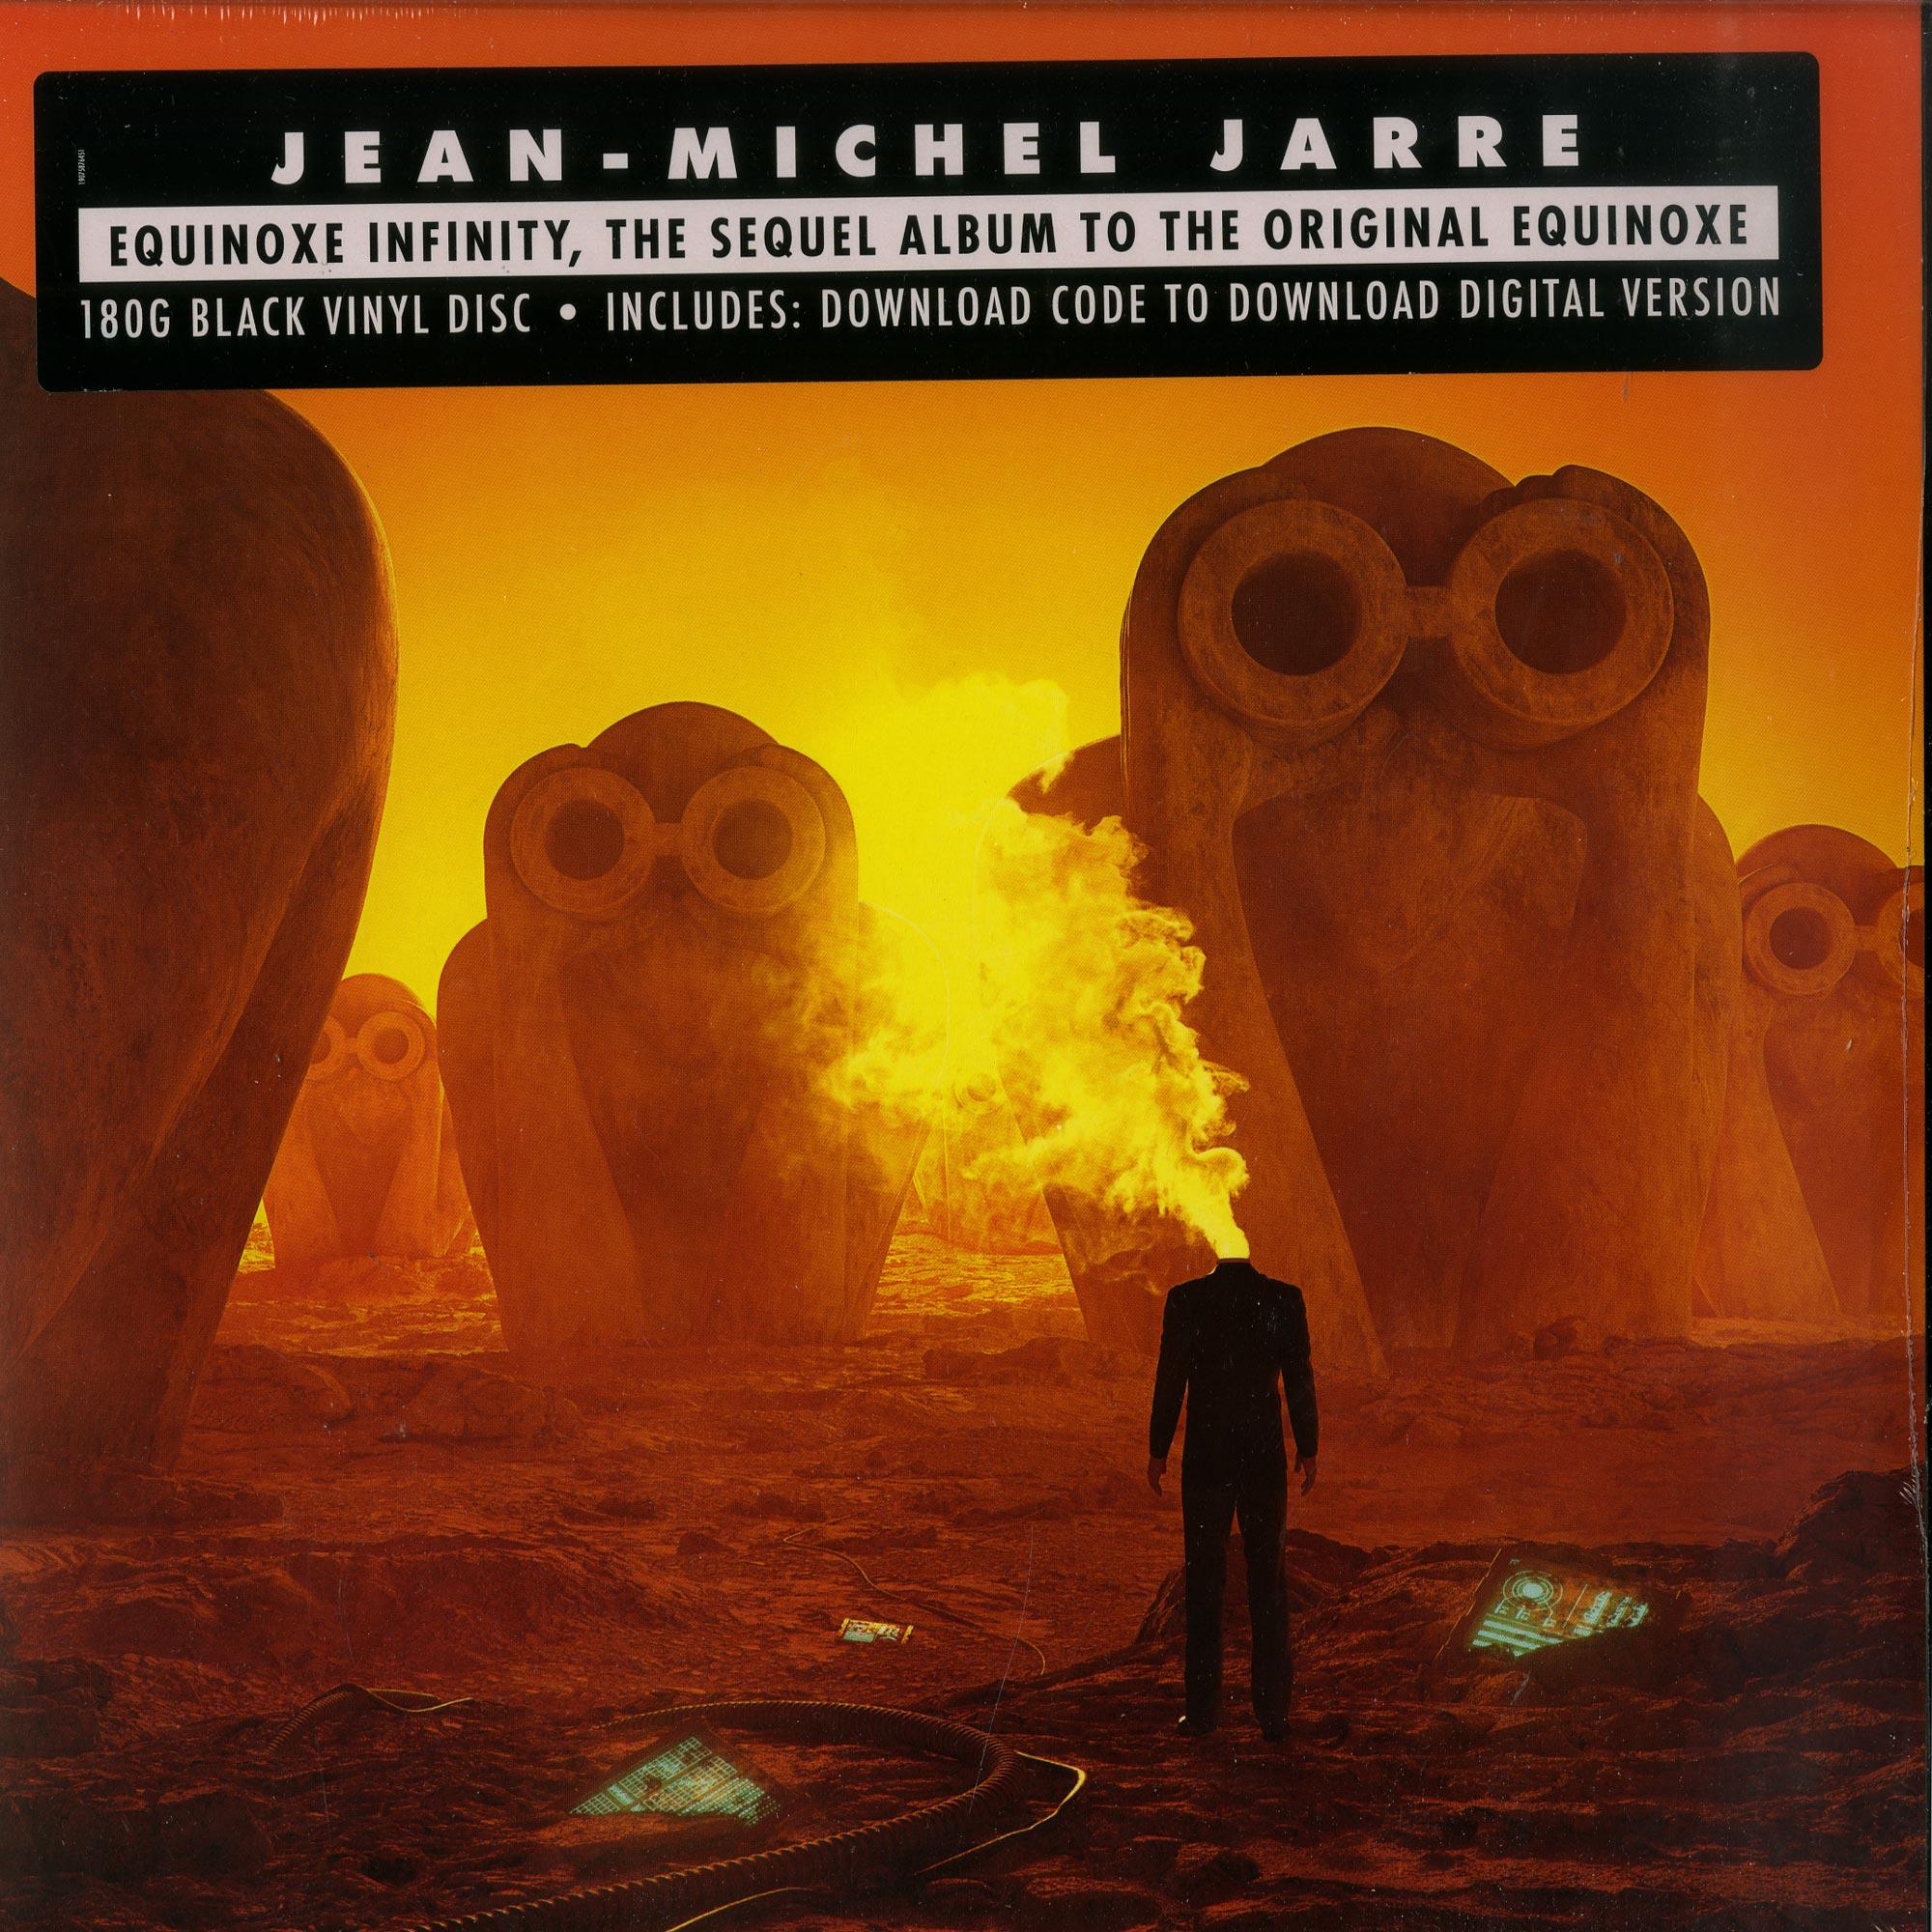 Jean-Michel Jarre - EQUINOXE INFINITY